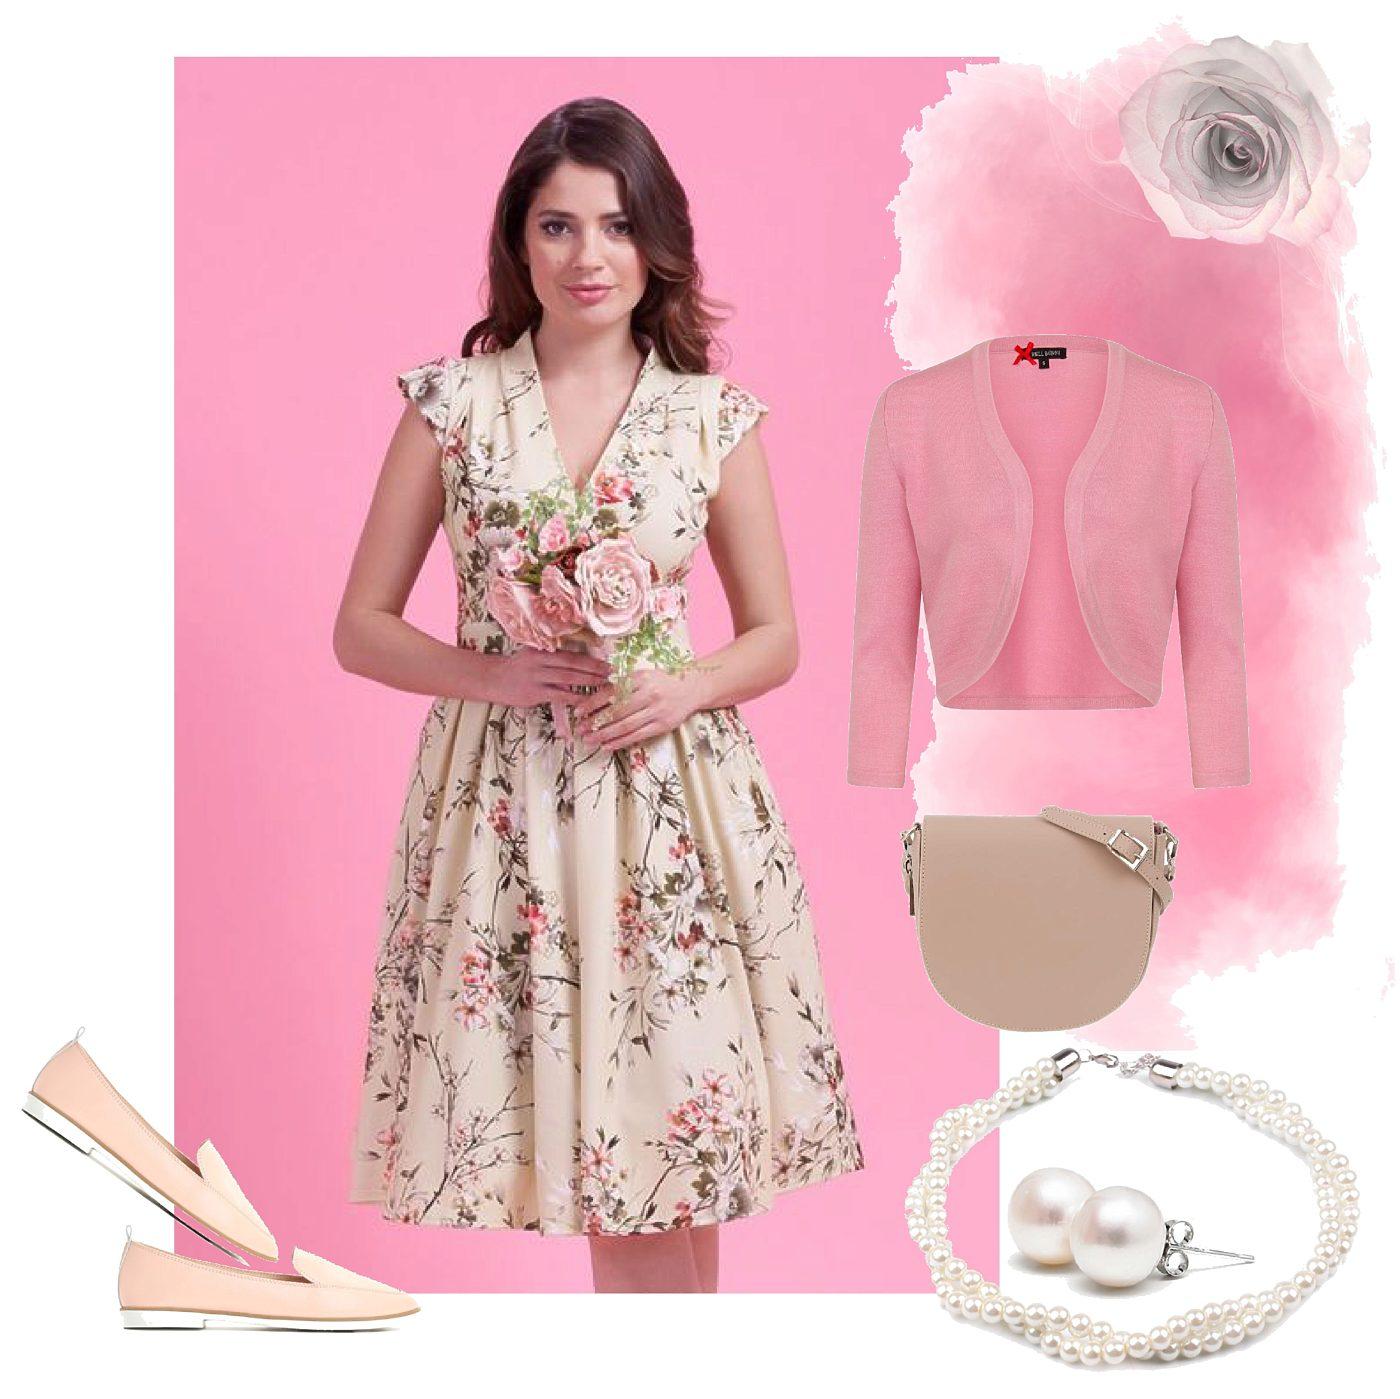 ca81fe46d6c9 Krémové šaty s drobnými květy Lady V London Eva Lady V London ...